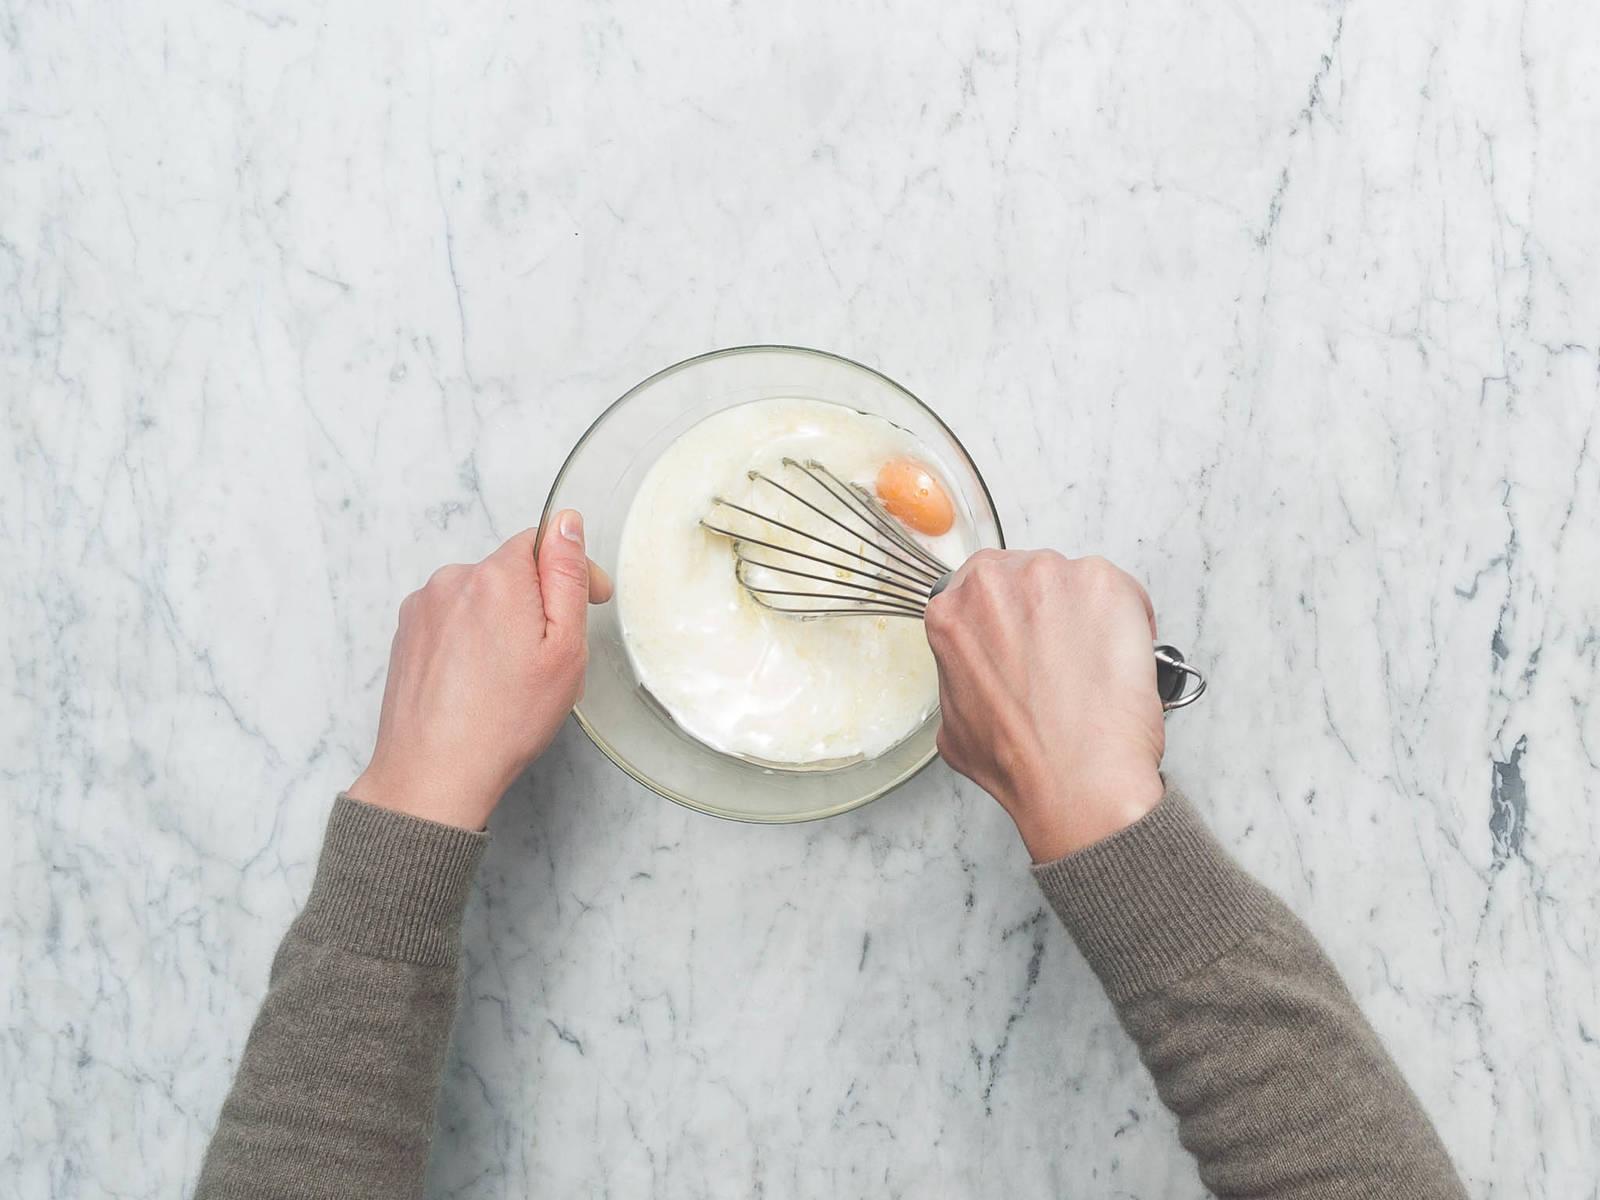 将烤箱预热至180℃。润滑蛋糕烤盘,在底上铺上烘焙纸,撒上可可粉,轻拍烤盘倒出多余的粉末。在一个中号搅拌碗中,搅打鸡蛋、植物油、牛奶和水。